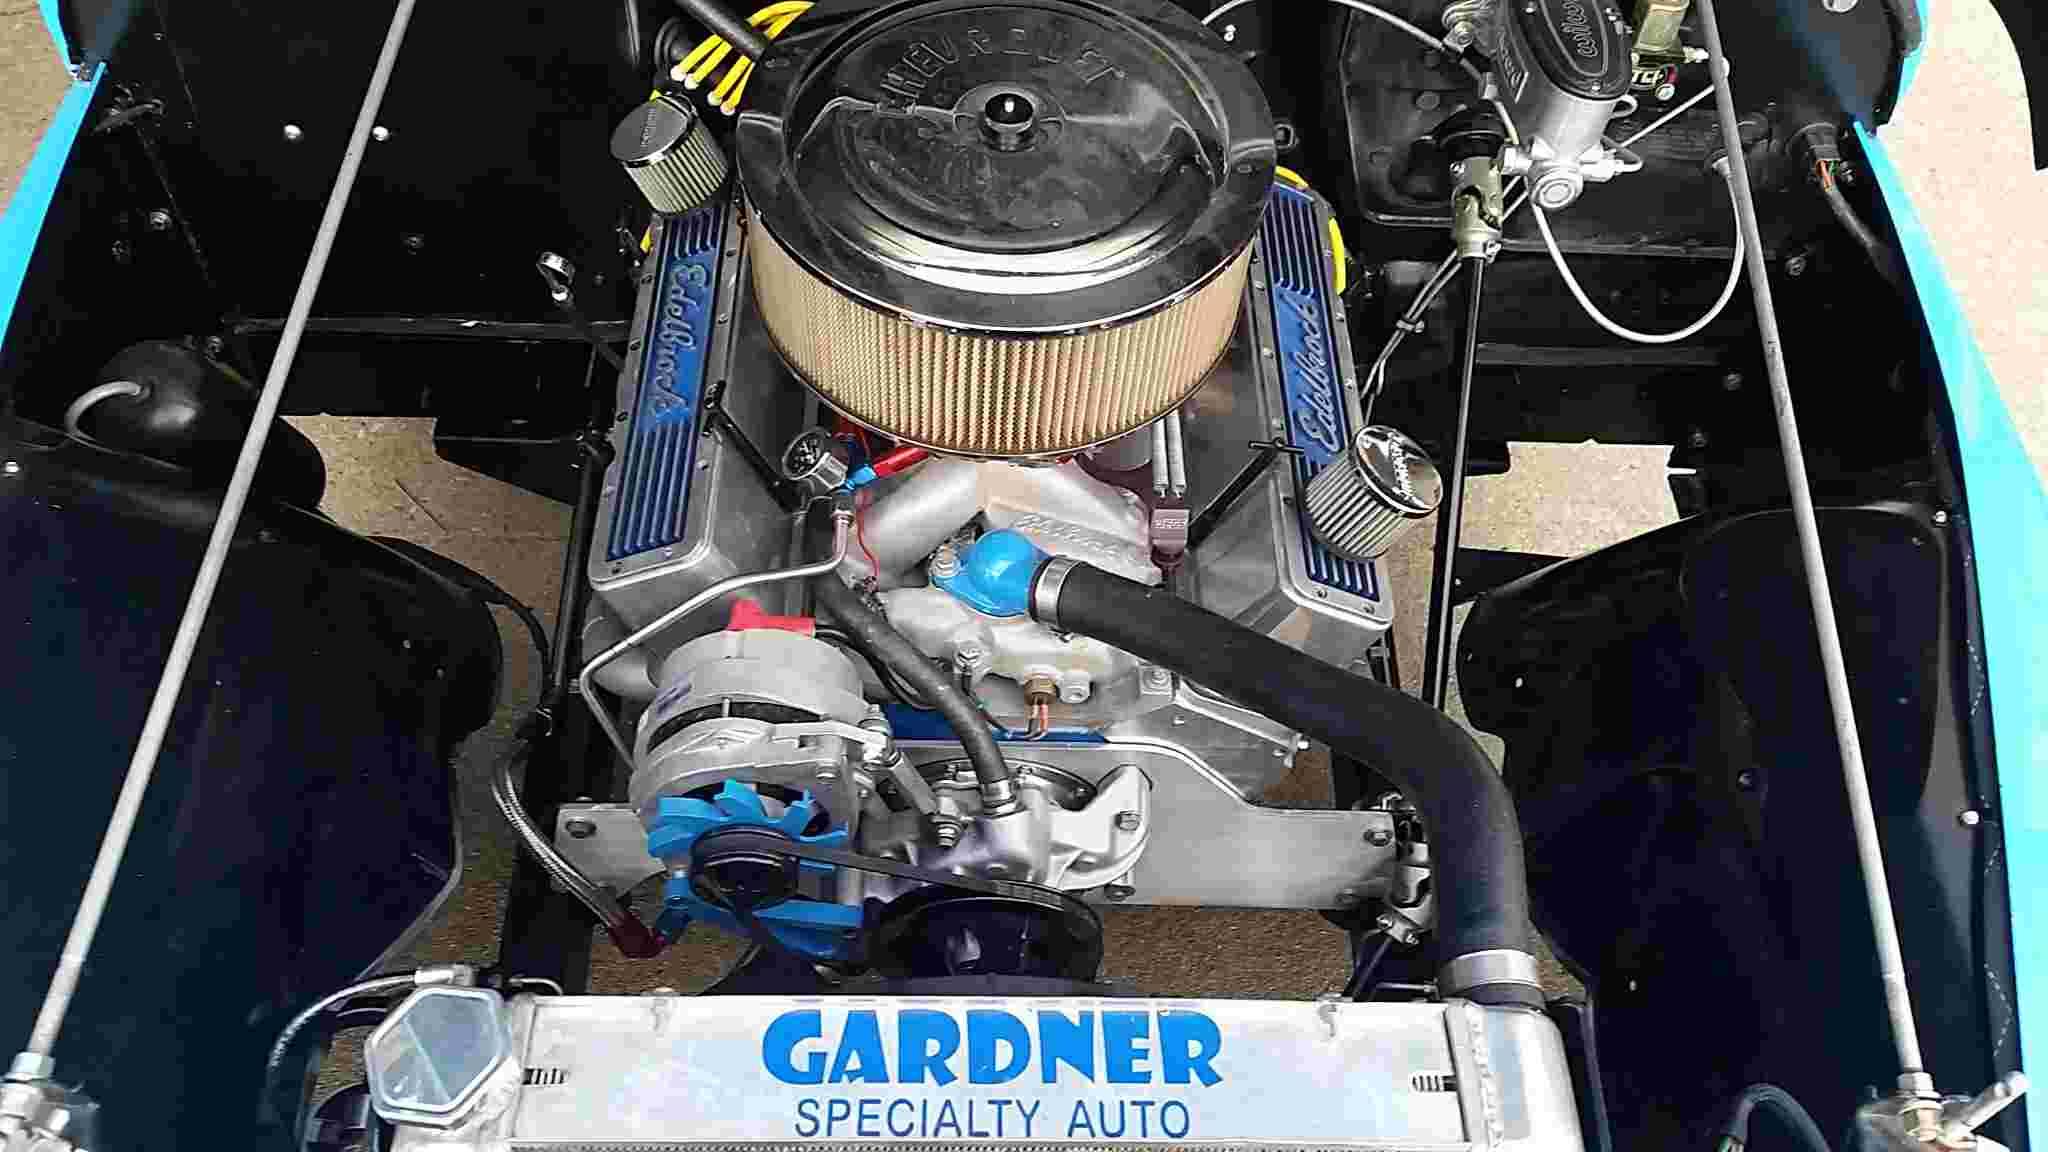 1e-s-mcbetts-engine-20141104_154722.jpg